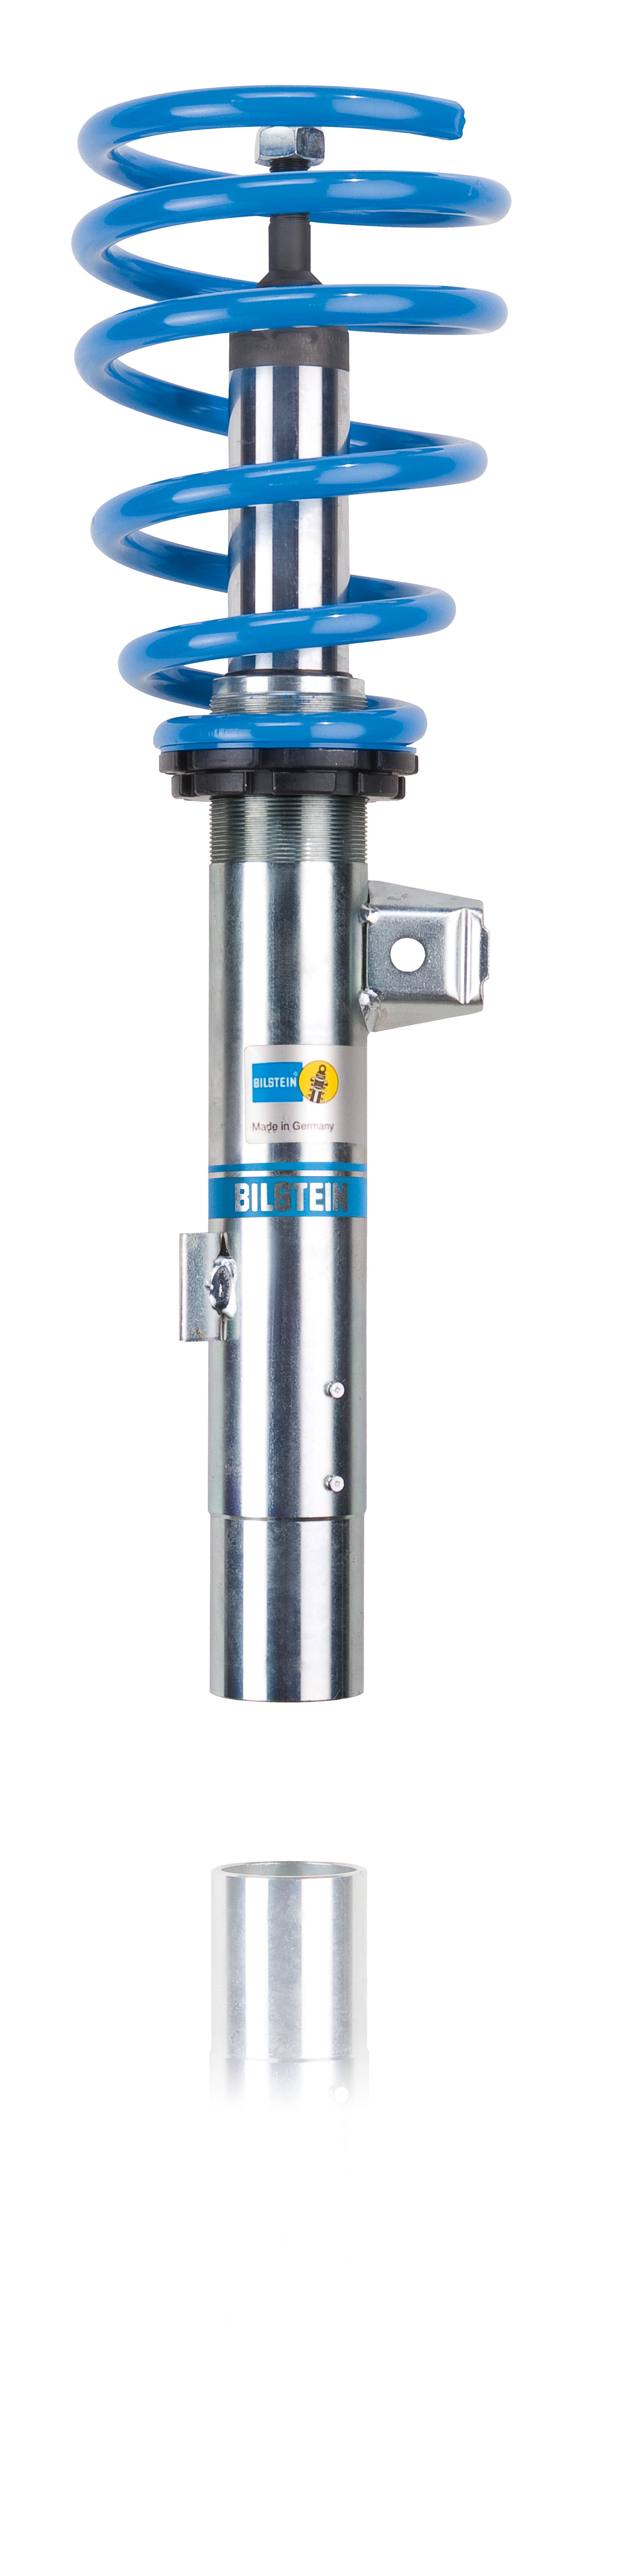 Das BILSTEIN B12 Pro-Kit mit präzisem Ansprechverhalten.